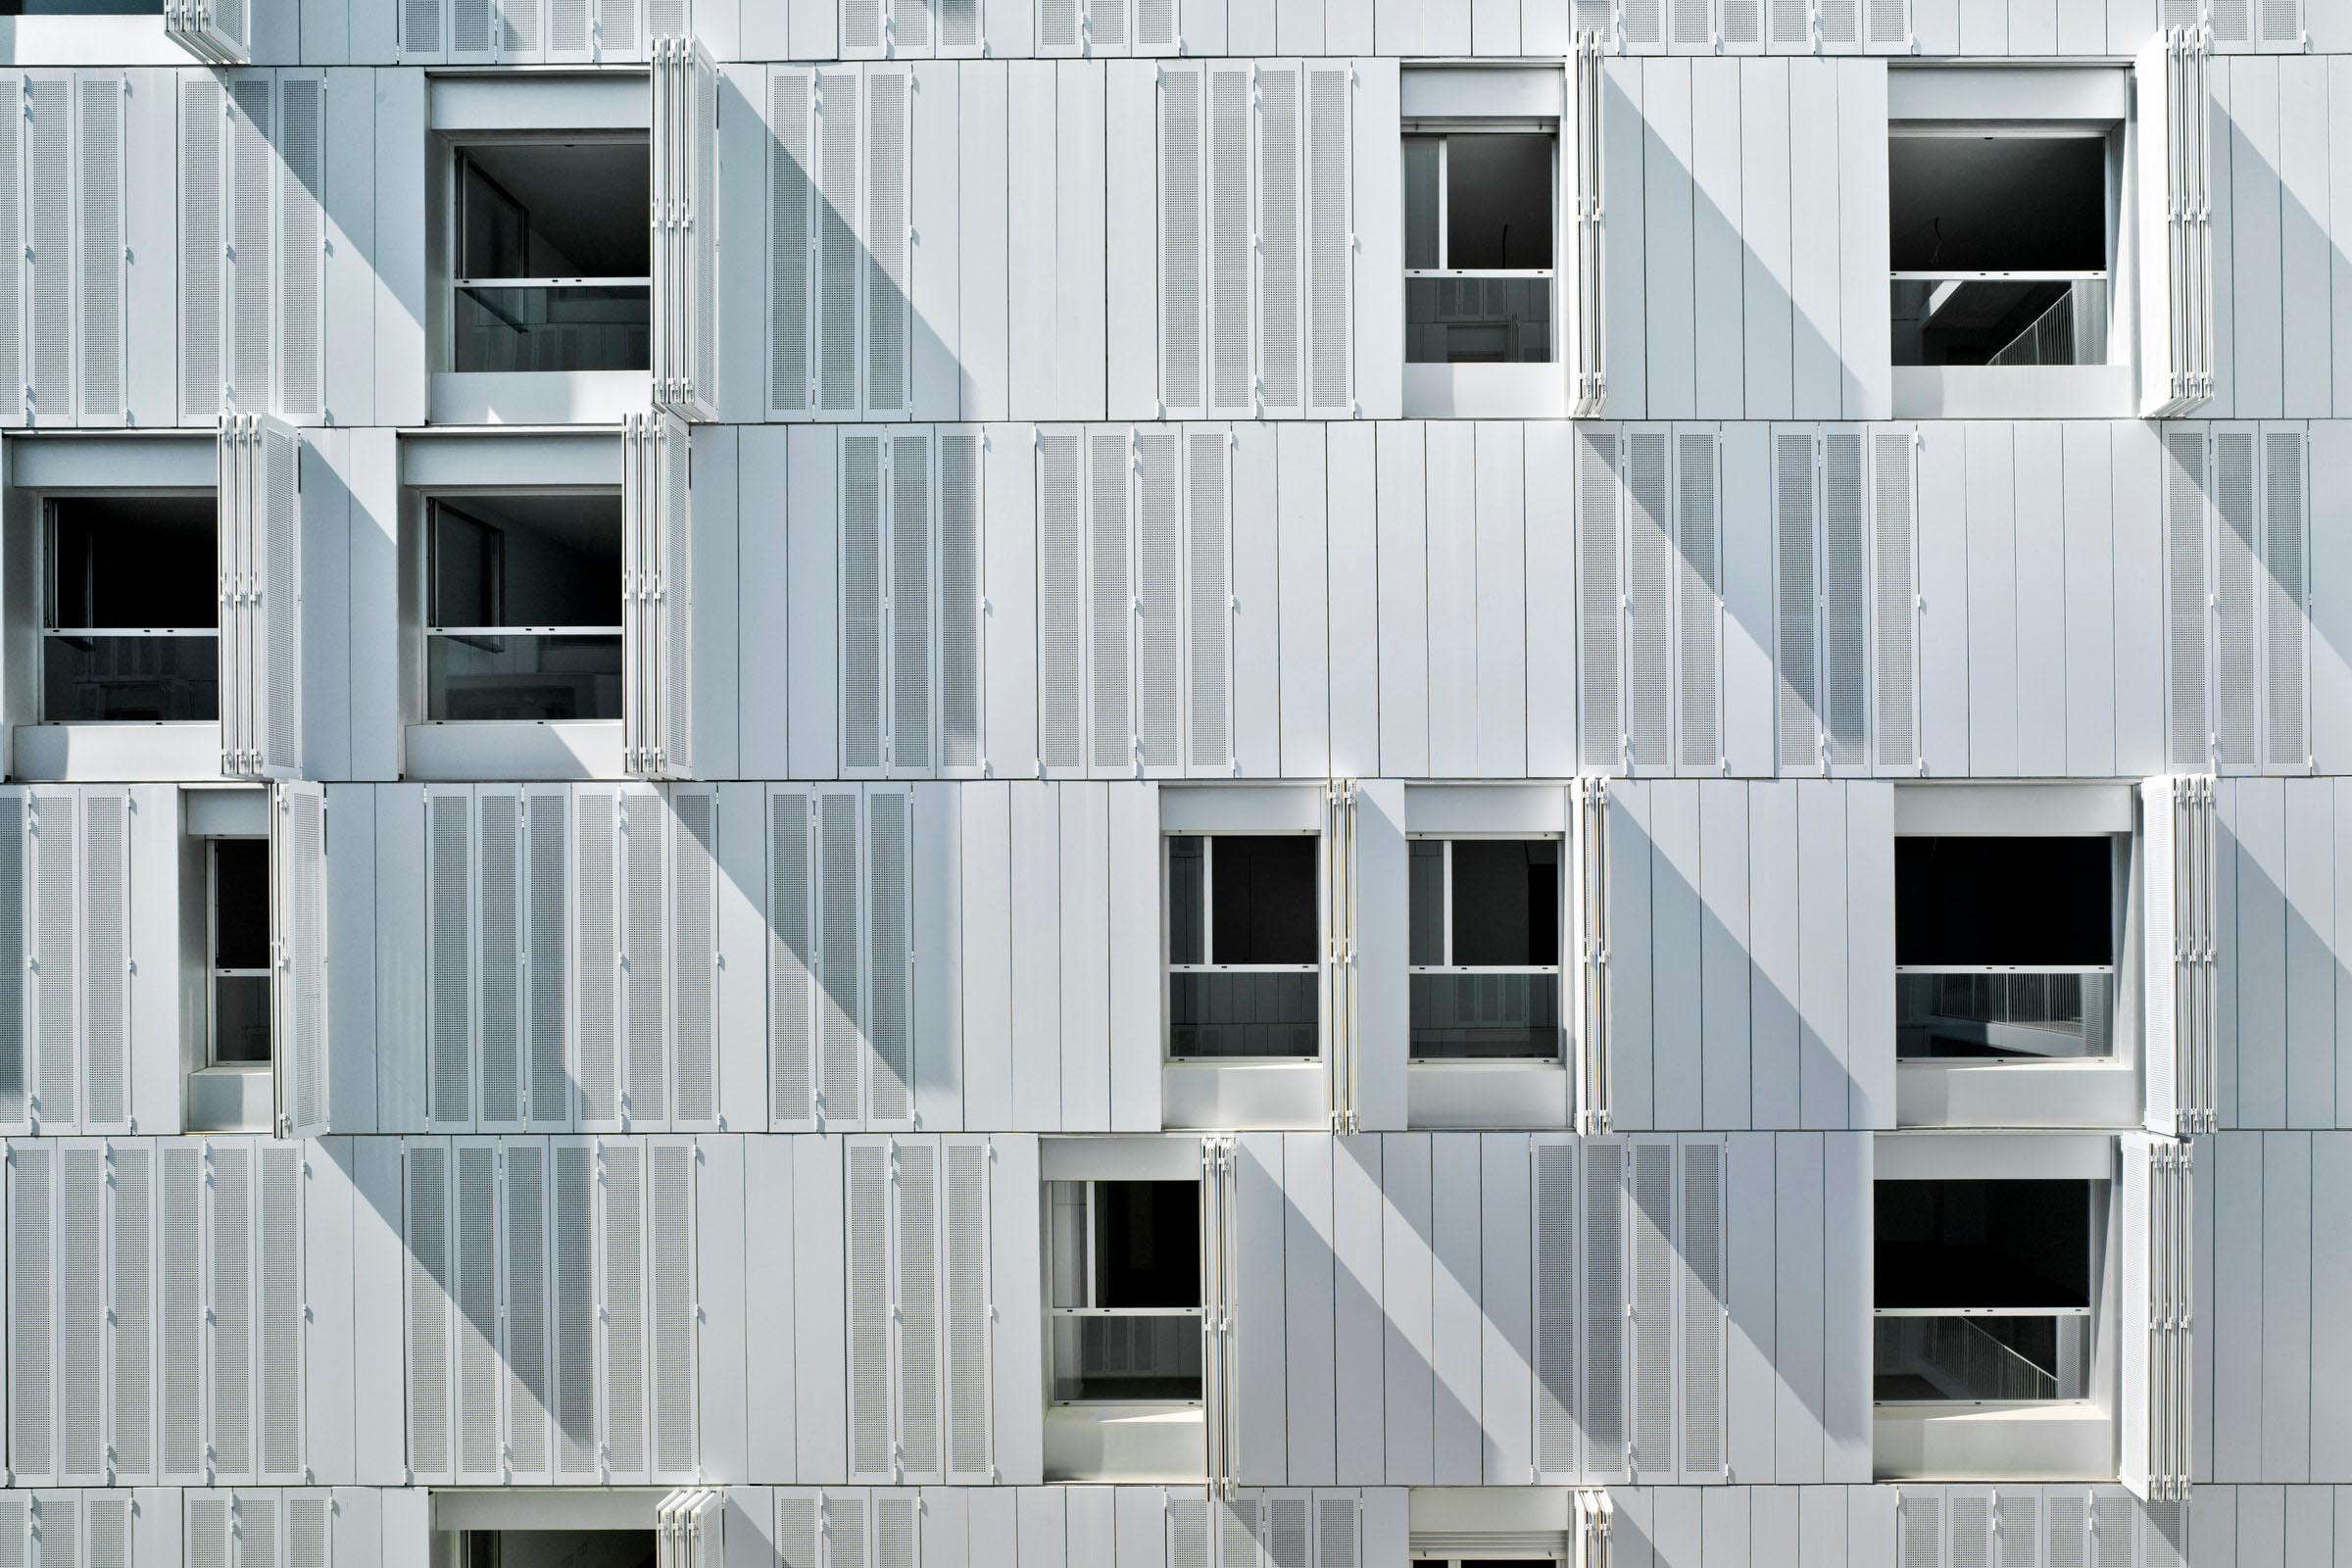 san-mateo-edificio-residencial-detalle-STB-401